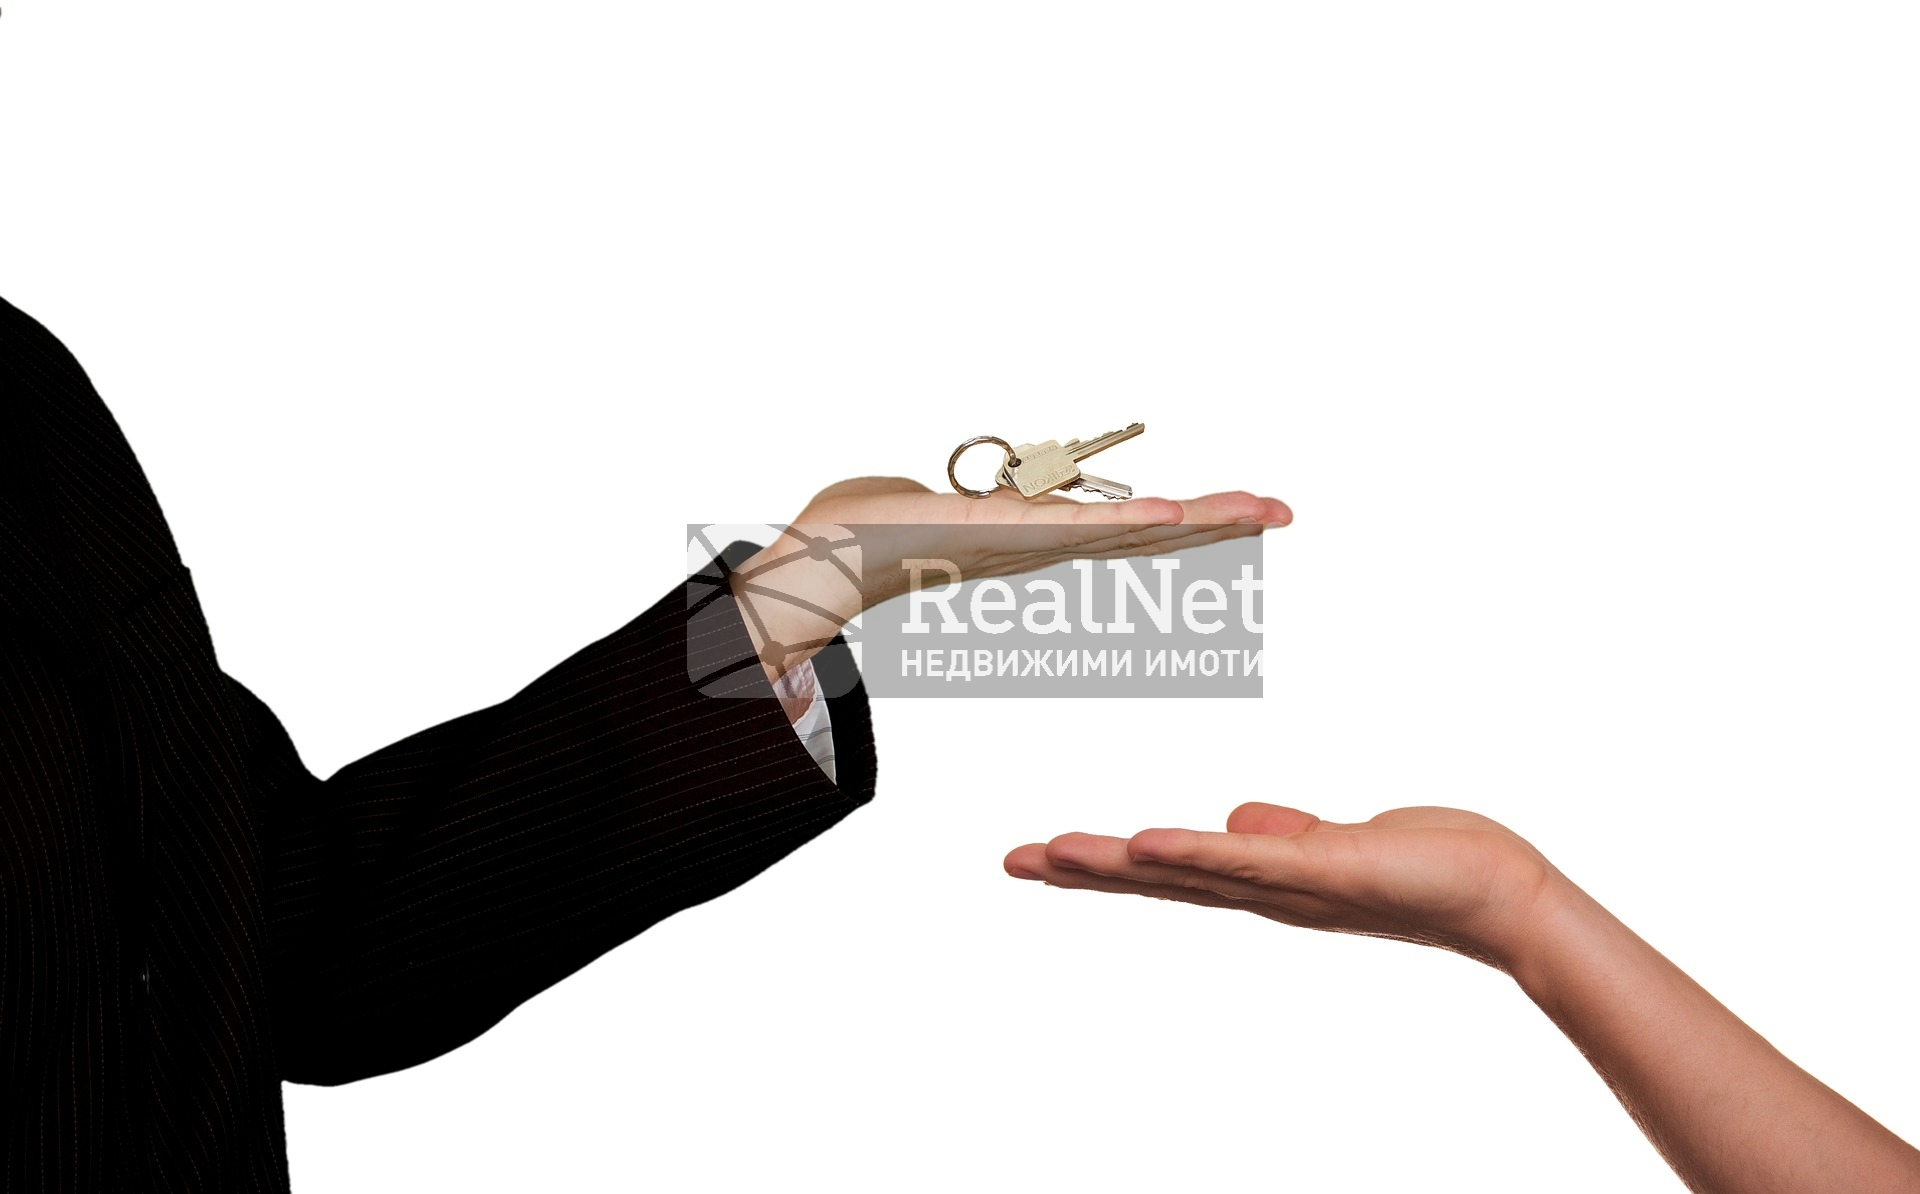 Как да продадете имота си бързо: 5 трика, които трябва да знаете